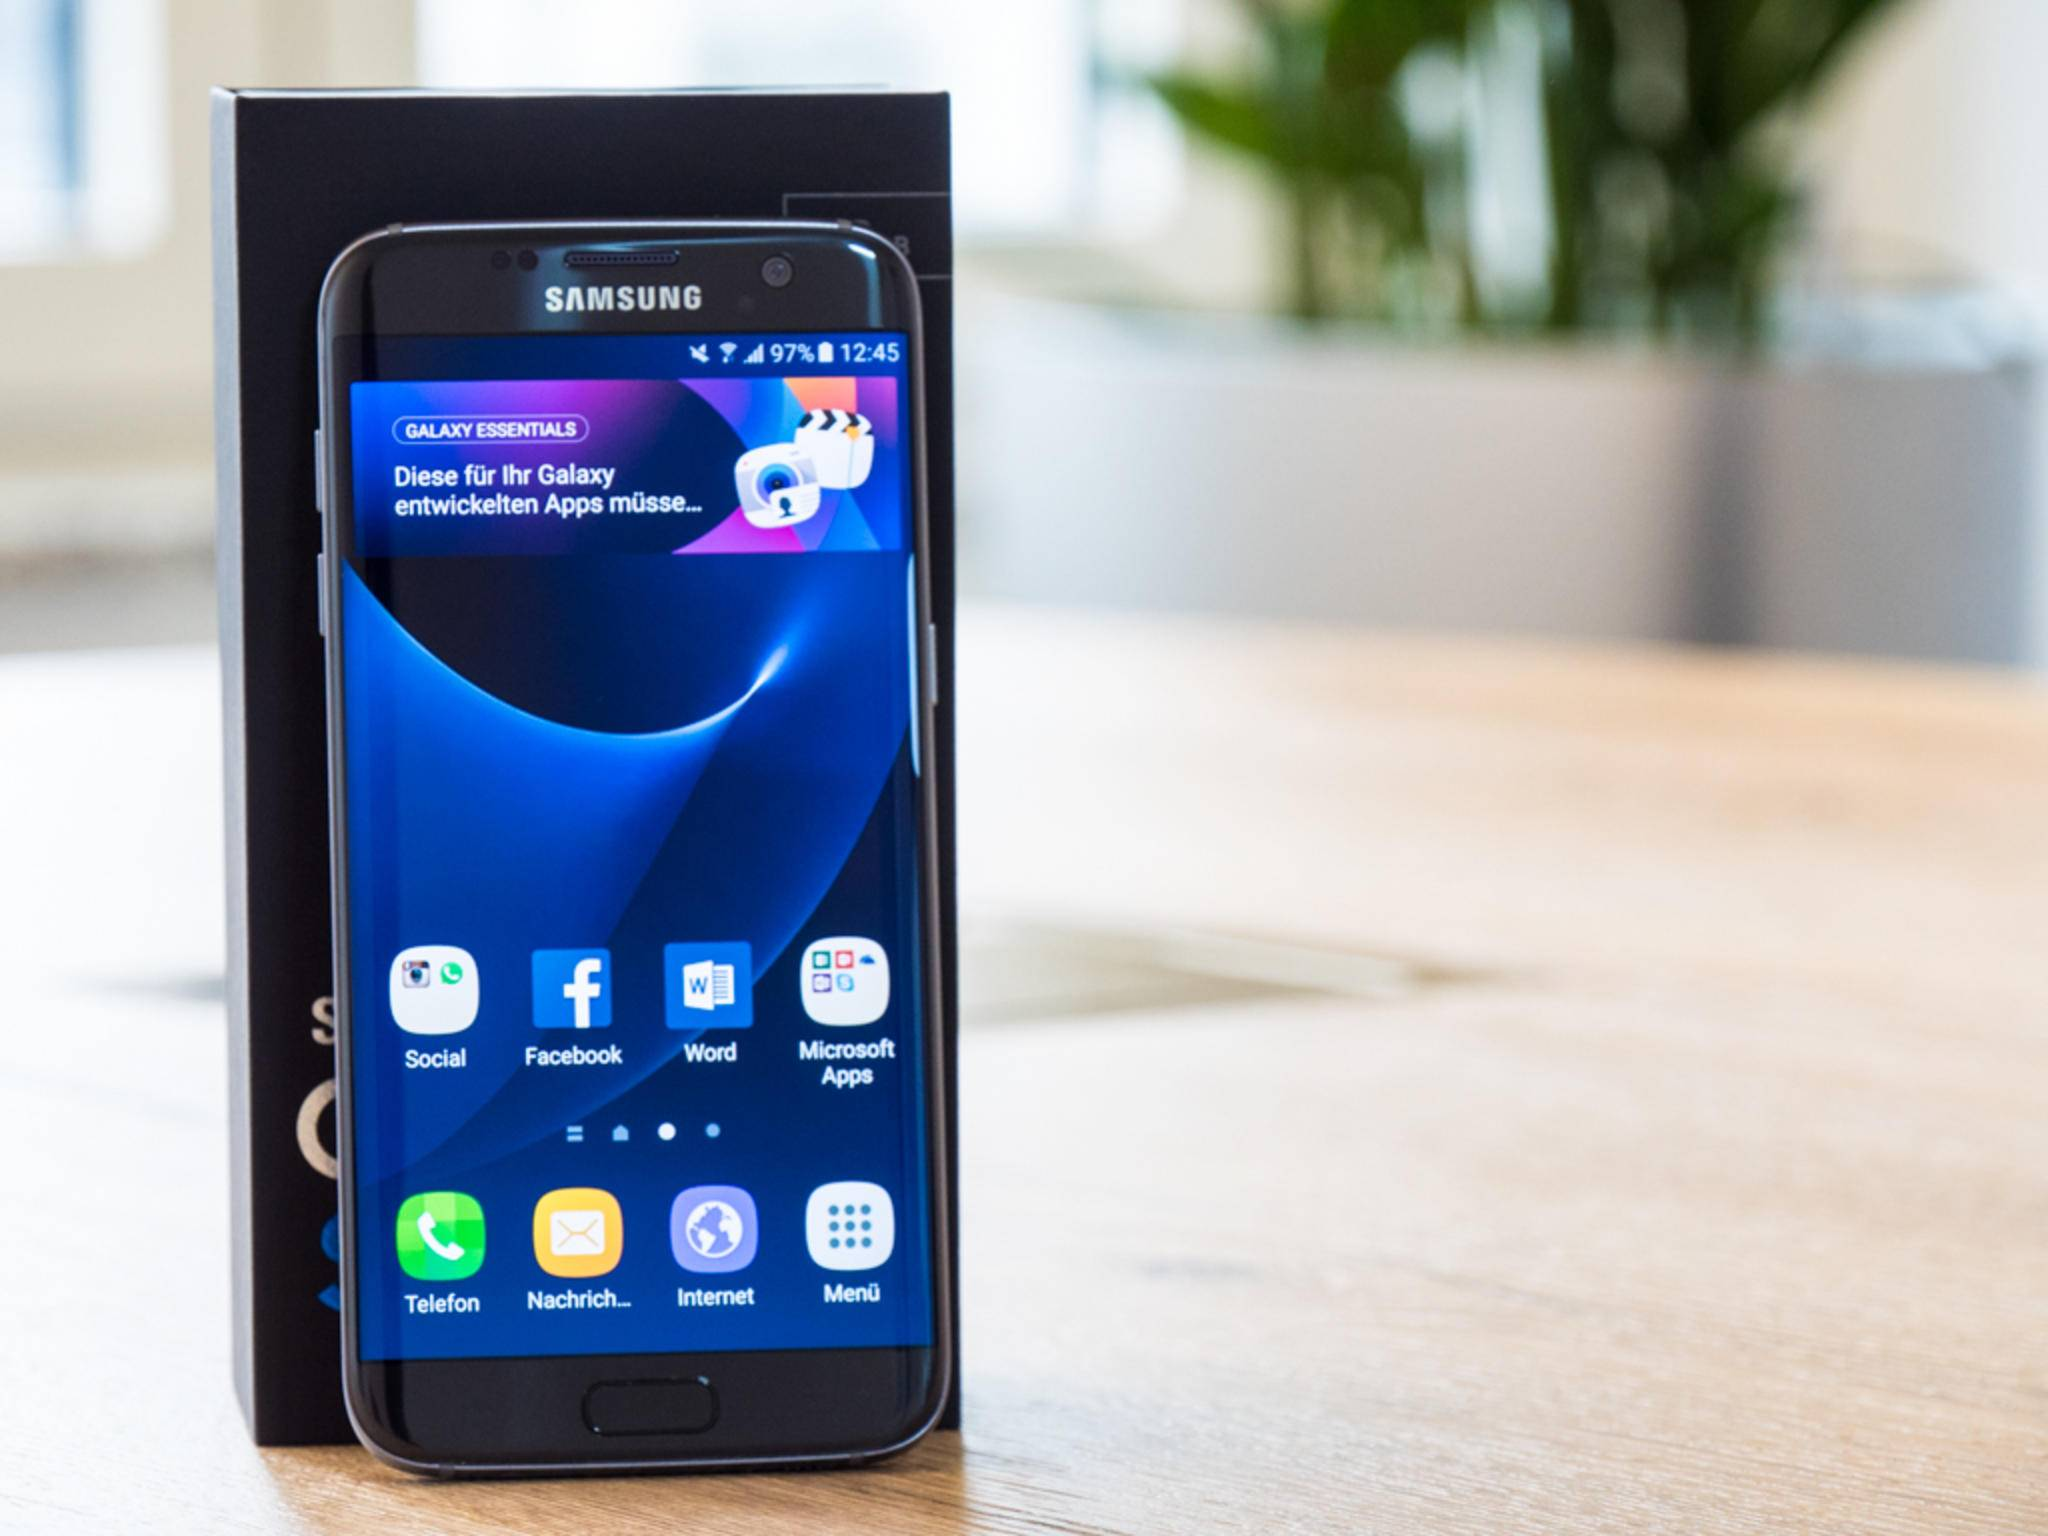 Das Display des Galaxy S7 Edge misst 5,5 Zoll in der Diagonale.